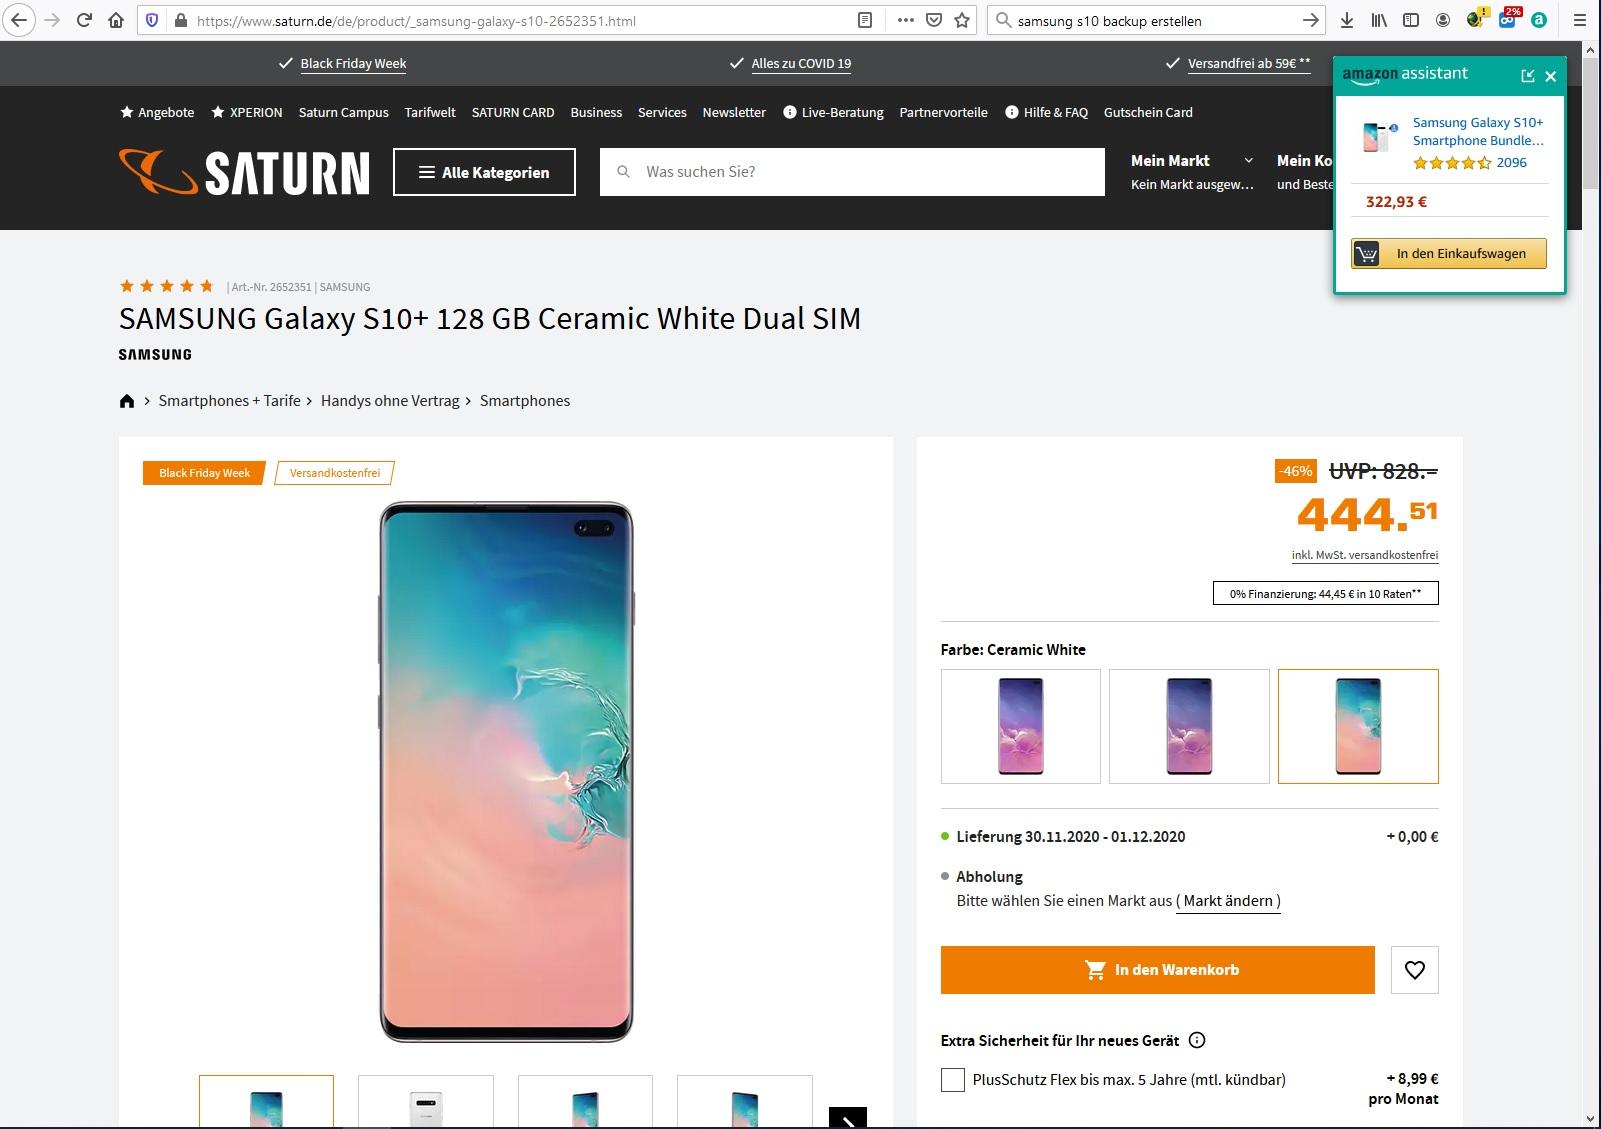 Samsung Galaxy S10+ 128 GB Ceramic White mit 36 Monaten Garantie